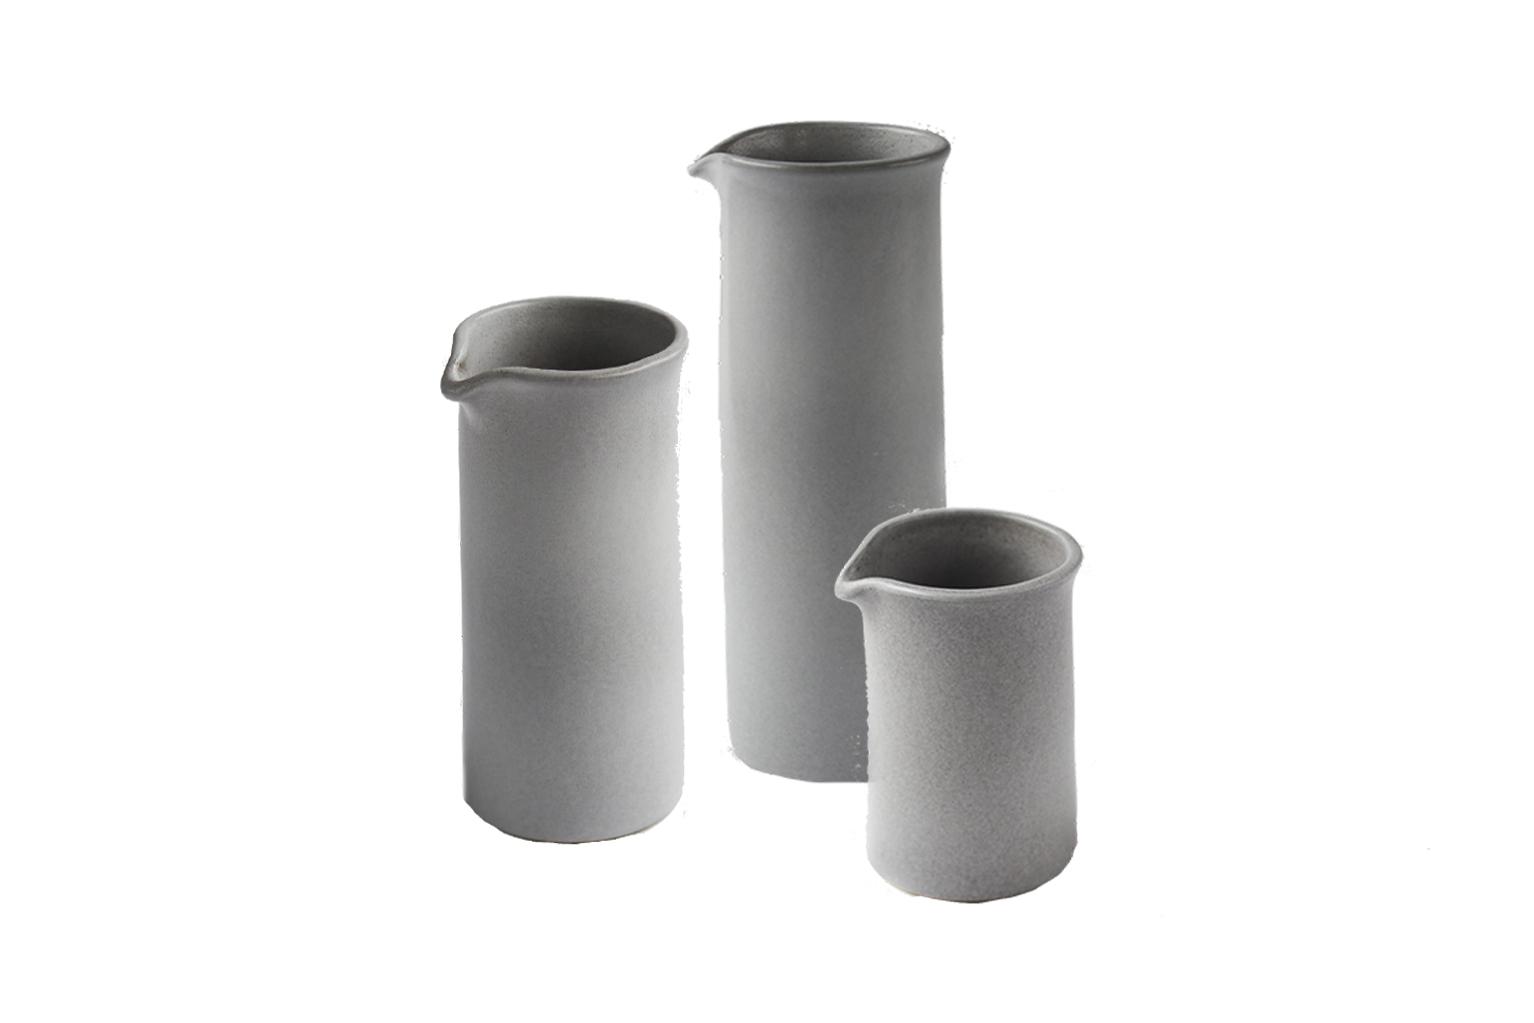 Set of 3 Minimalist Ceramic Jugs - S$150